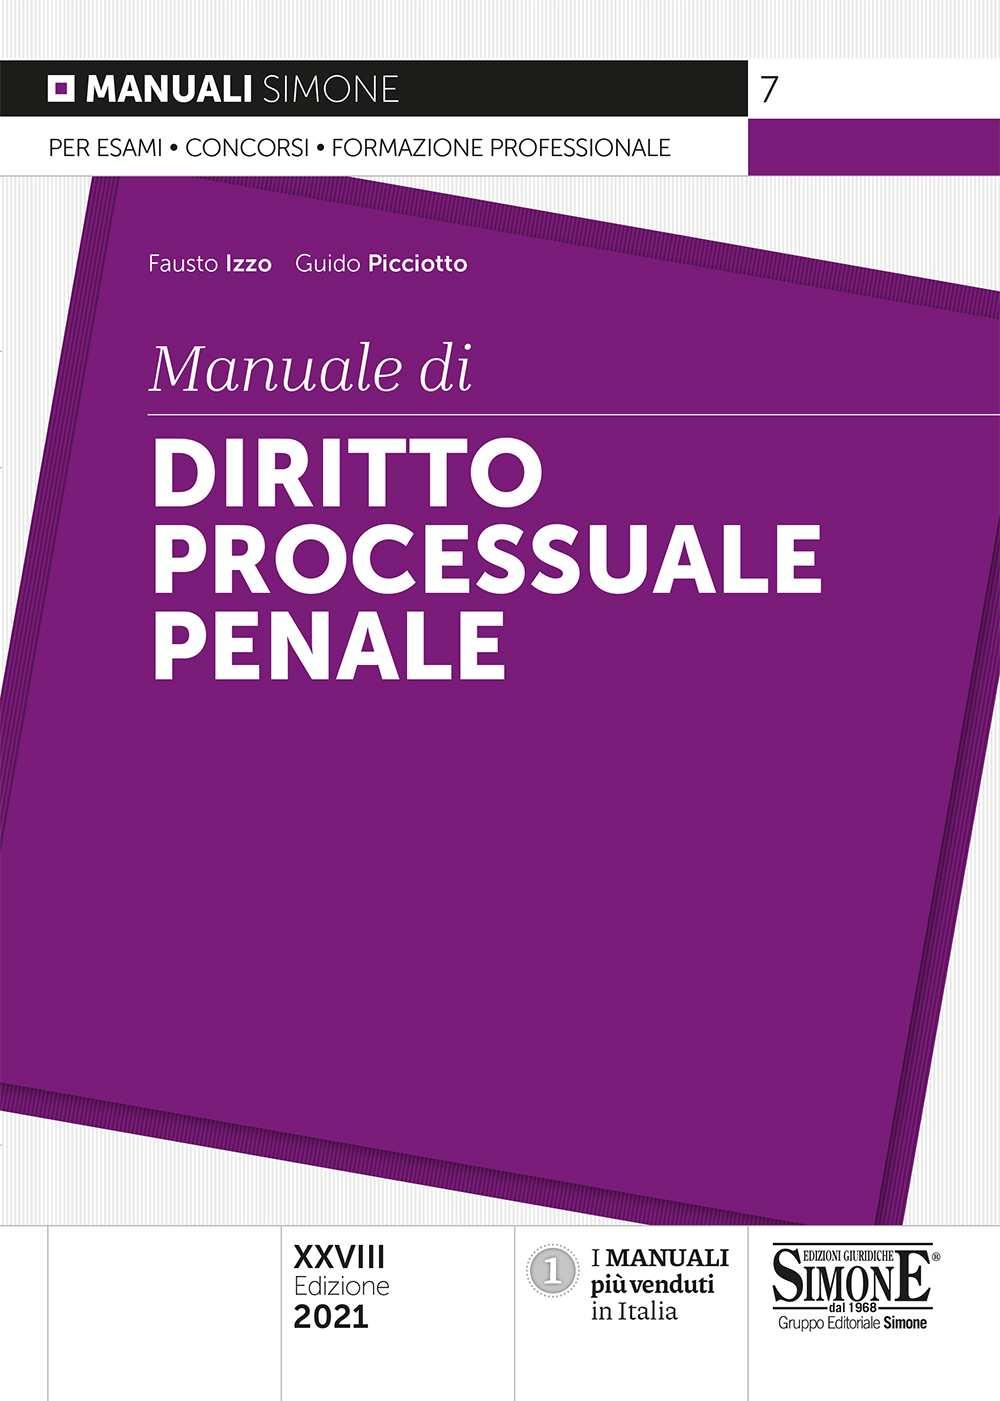 Manuale Diritto Processuale Penale